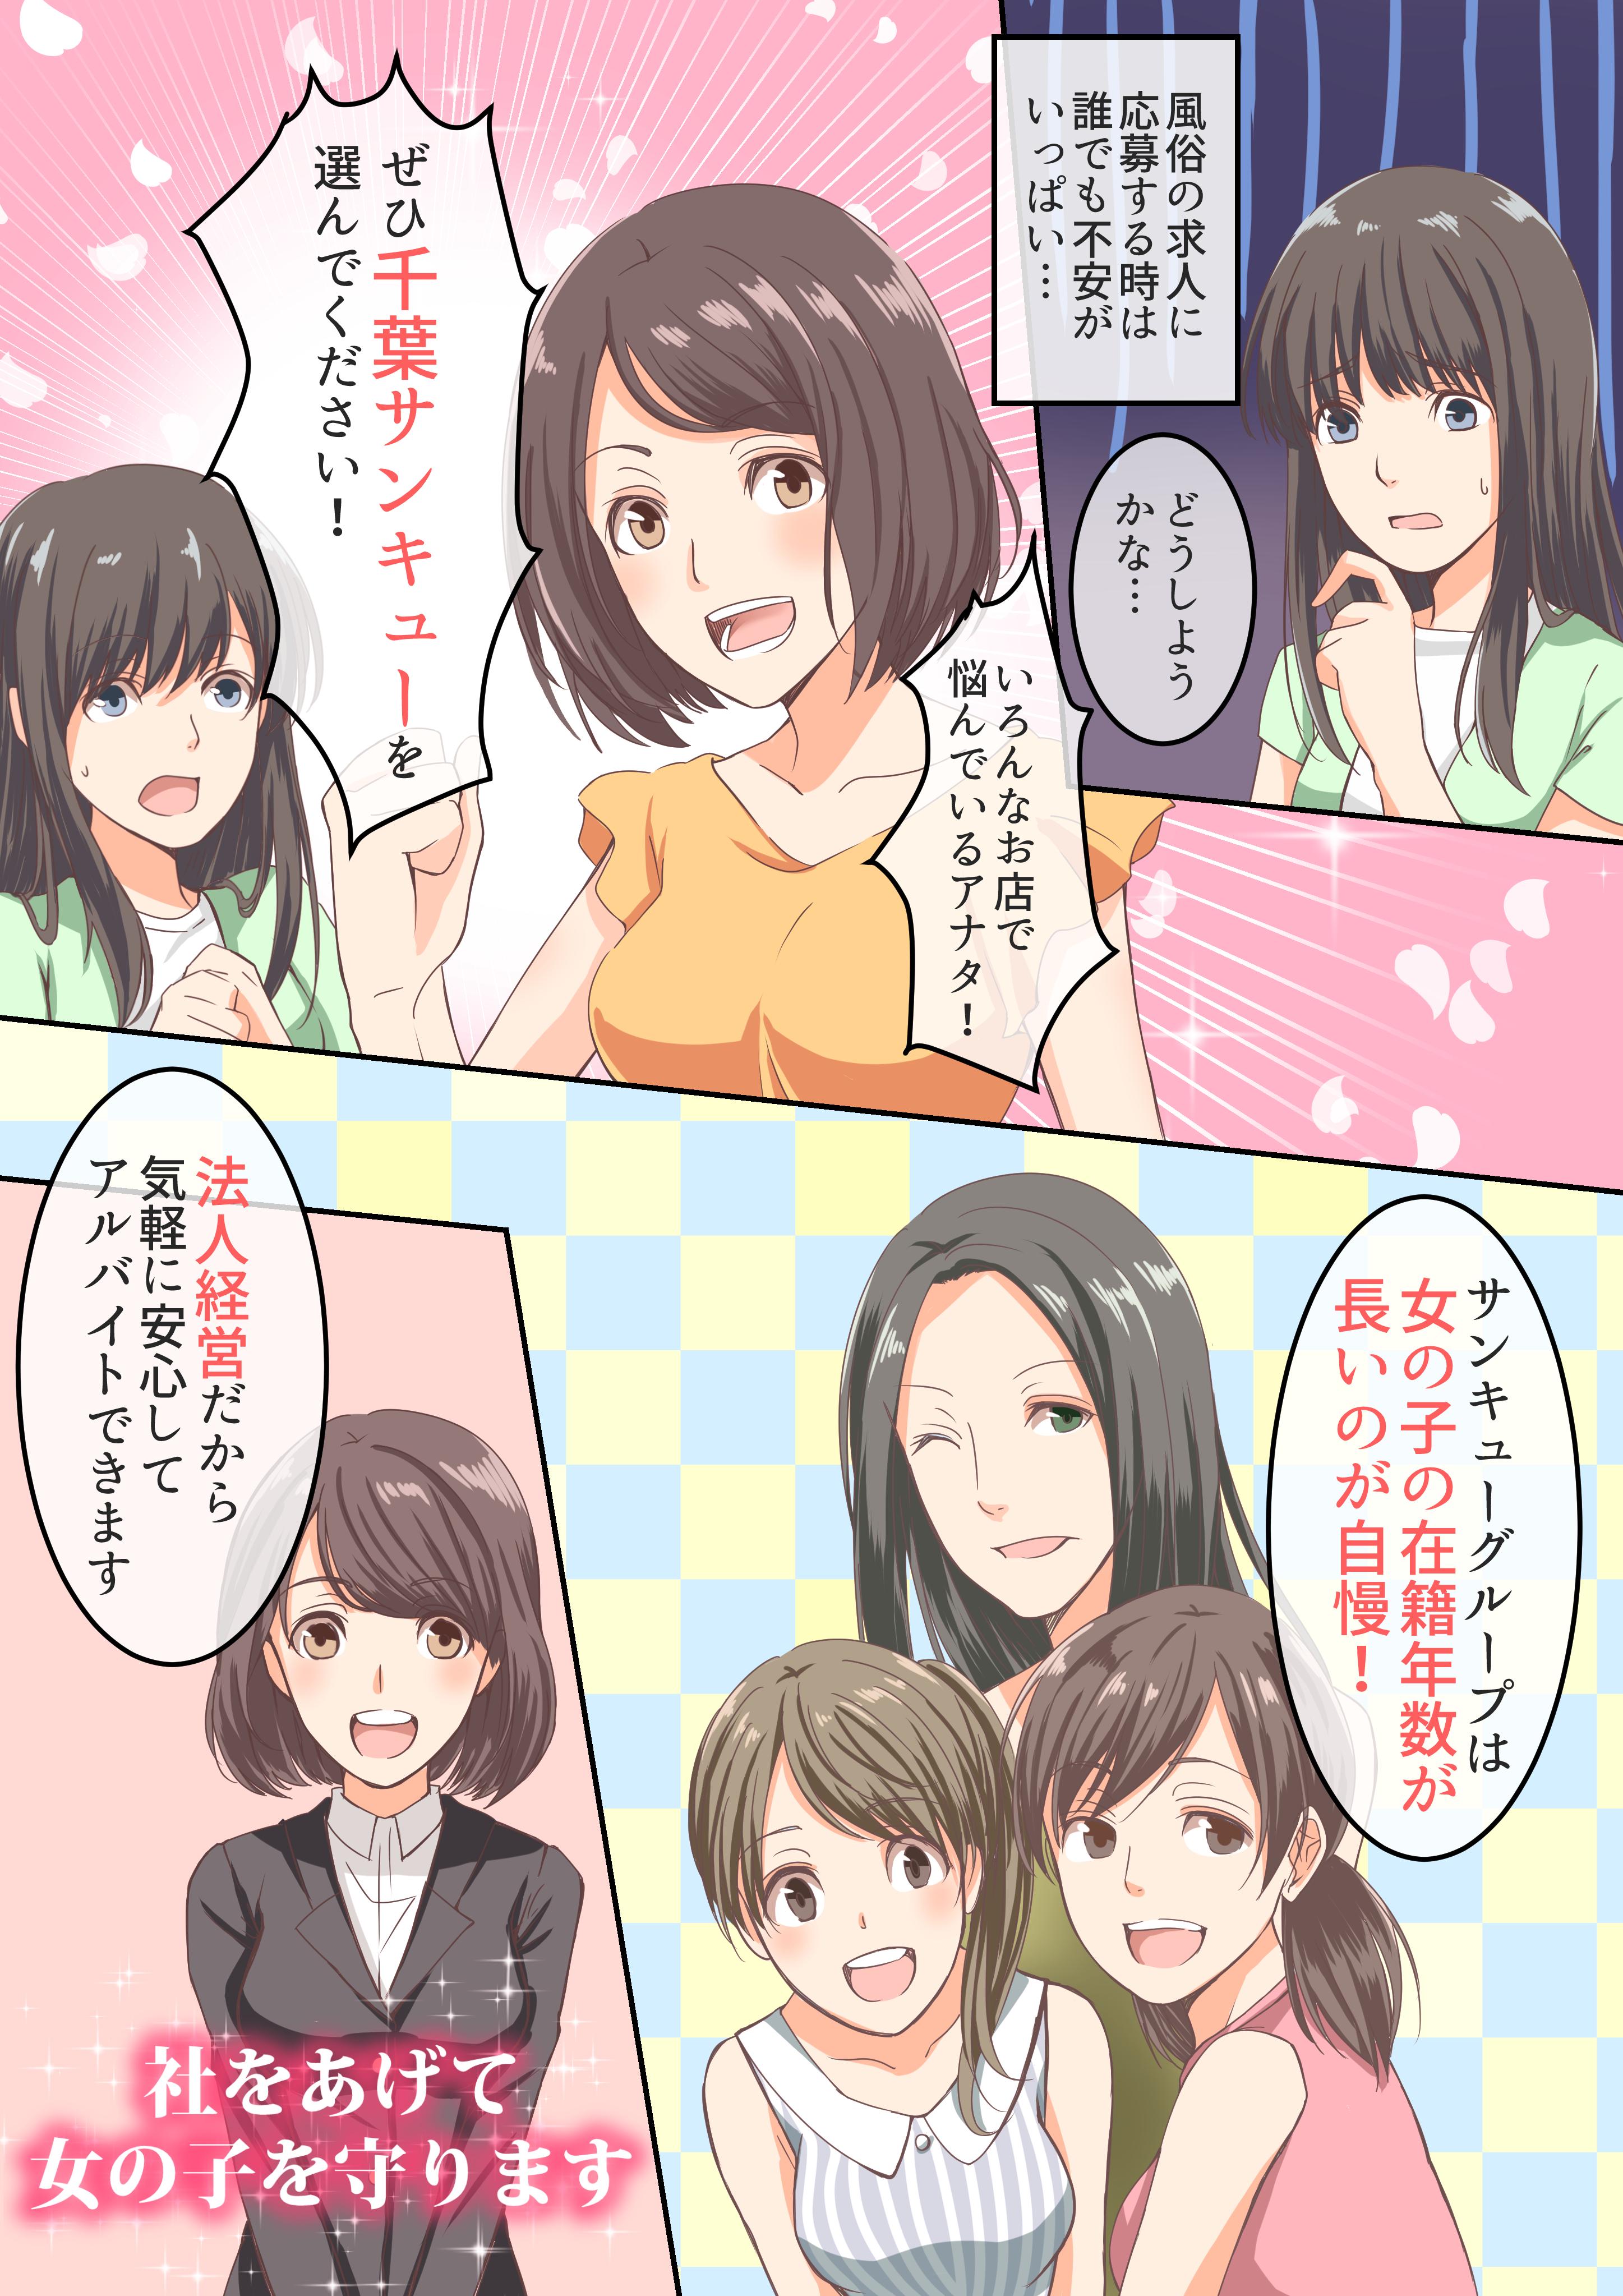 千葉サンキューの求人マンガ(page1)